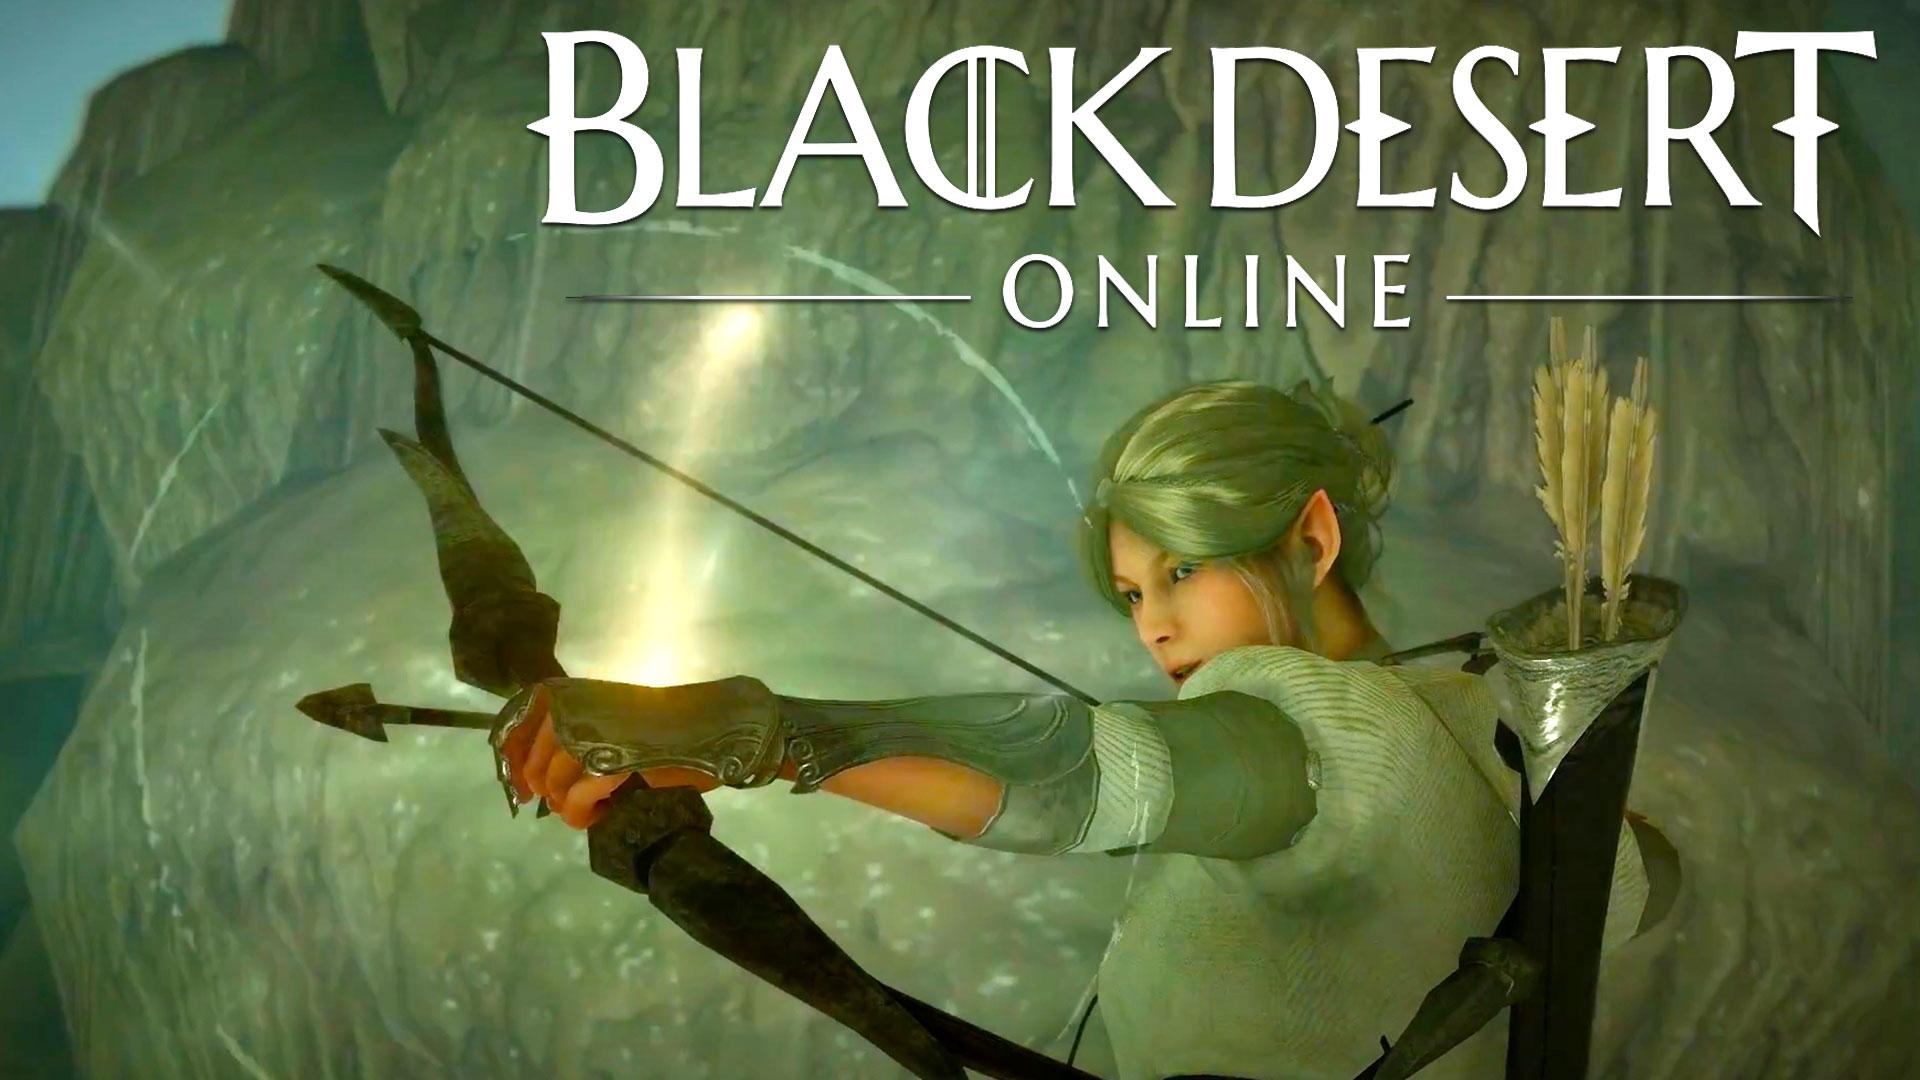 Black Desert Online - The Manifestation Trailer